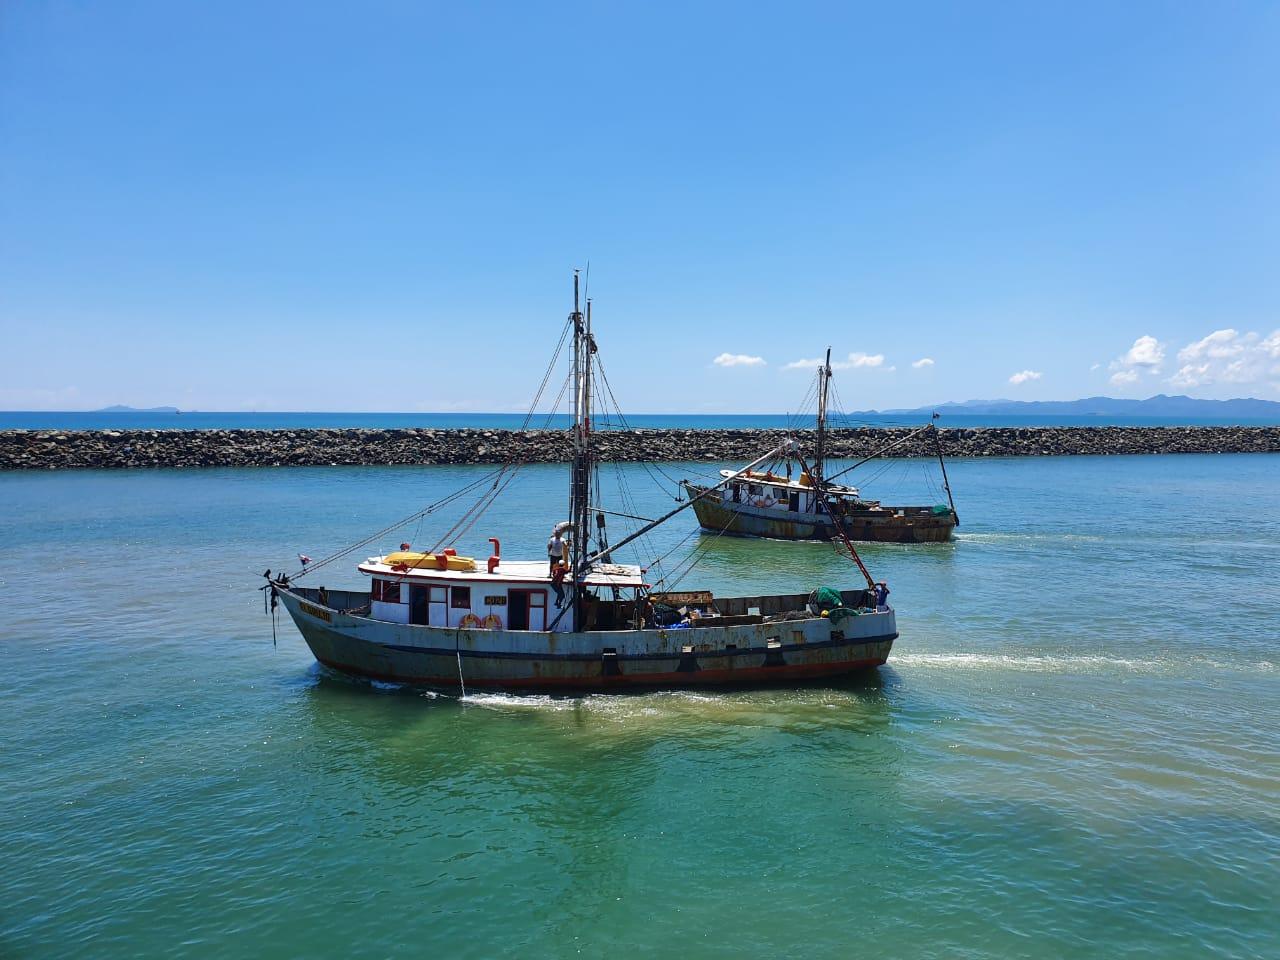 El segundo período de la veda del camarón inició el  1 de septiembre hasta el 11 de octubre.